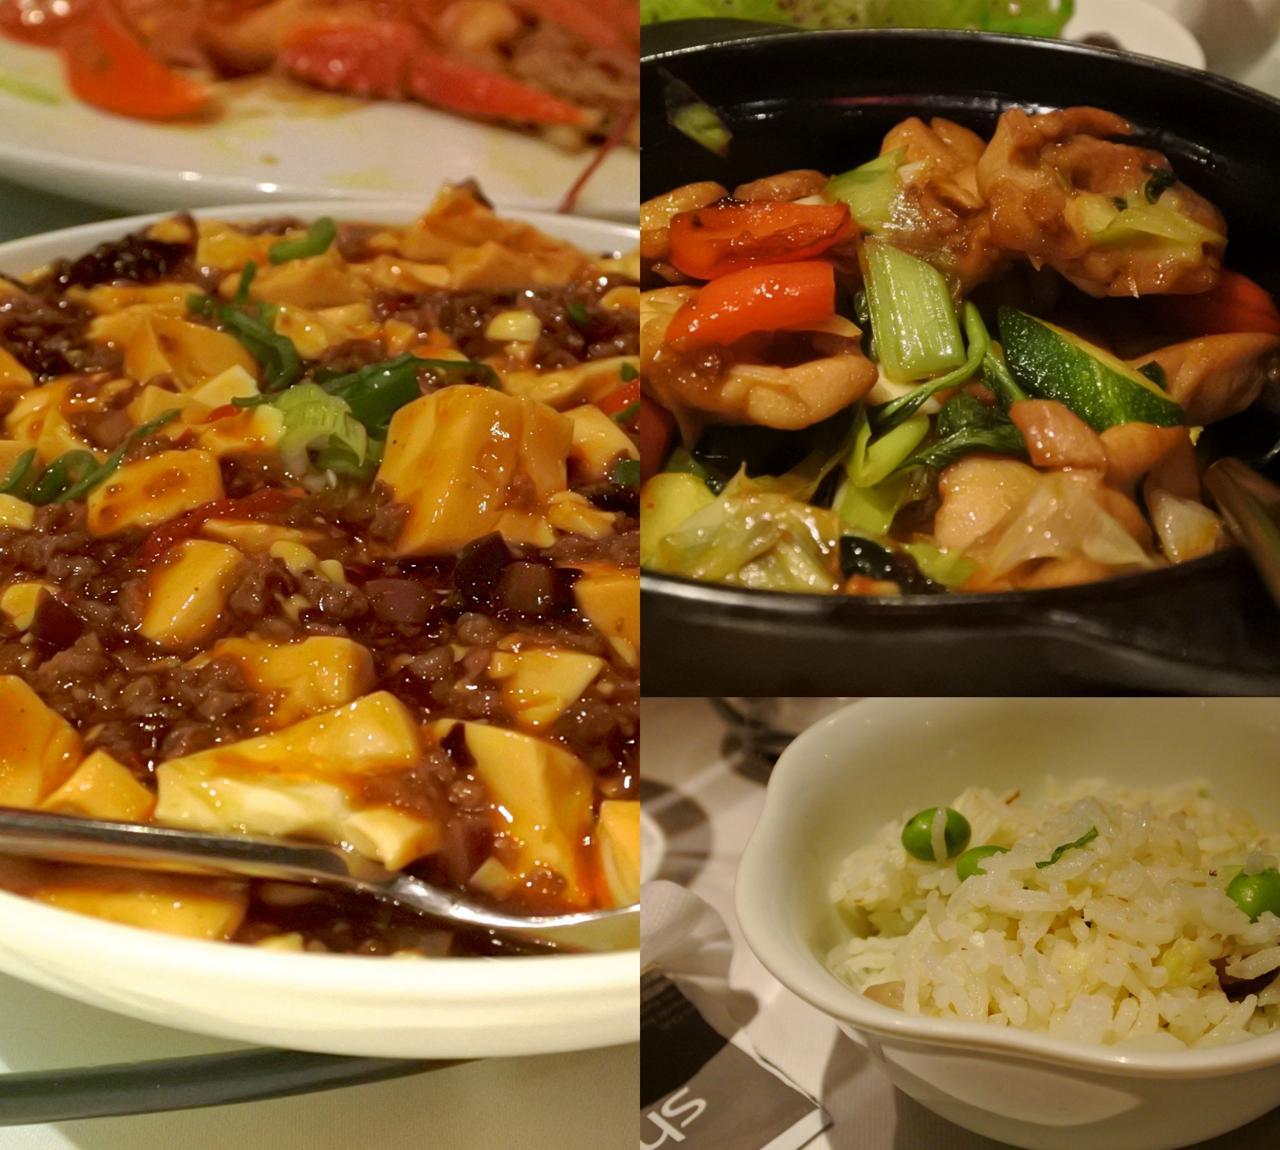 中国人の友人イチオシだった台湾名物、ポット入り三杯雞は美味しかったす♪